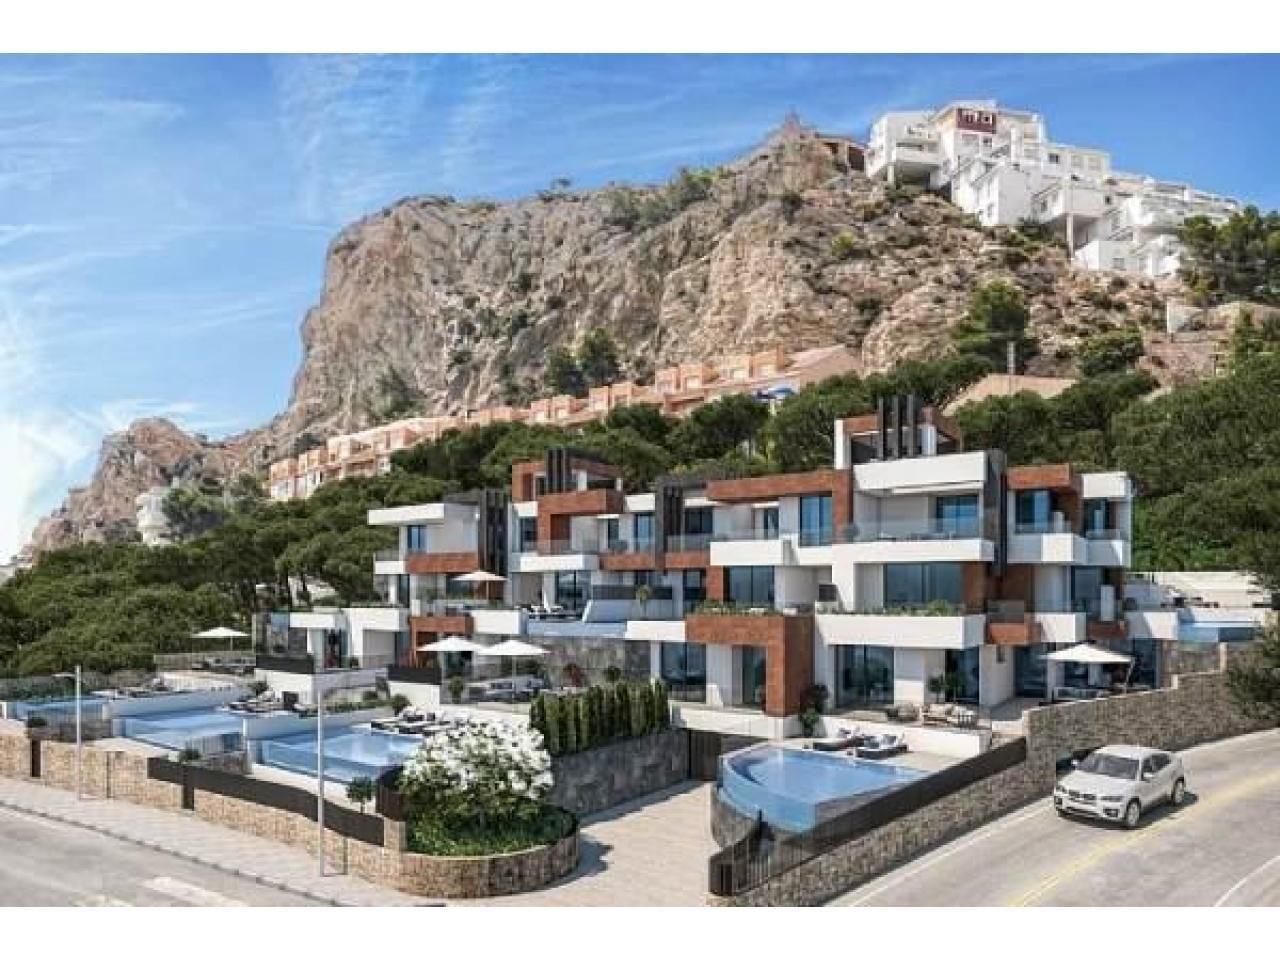 Недвижимость в Испании, Новые квартиры с видами на море от застройщика в Бенидорм - 4